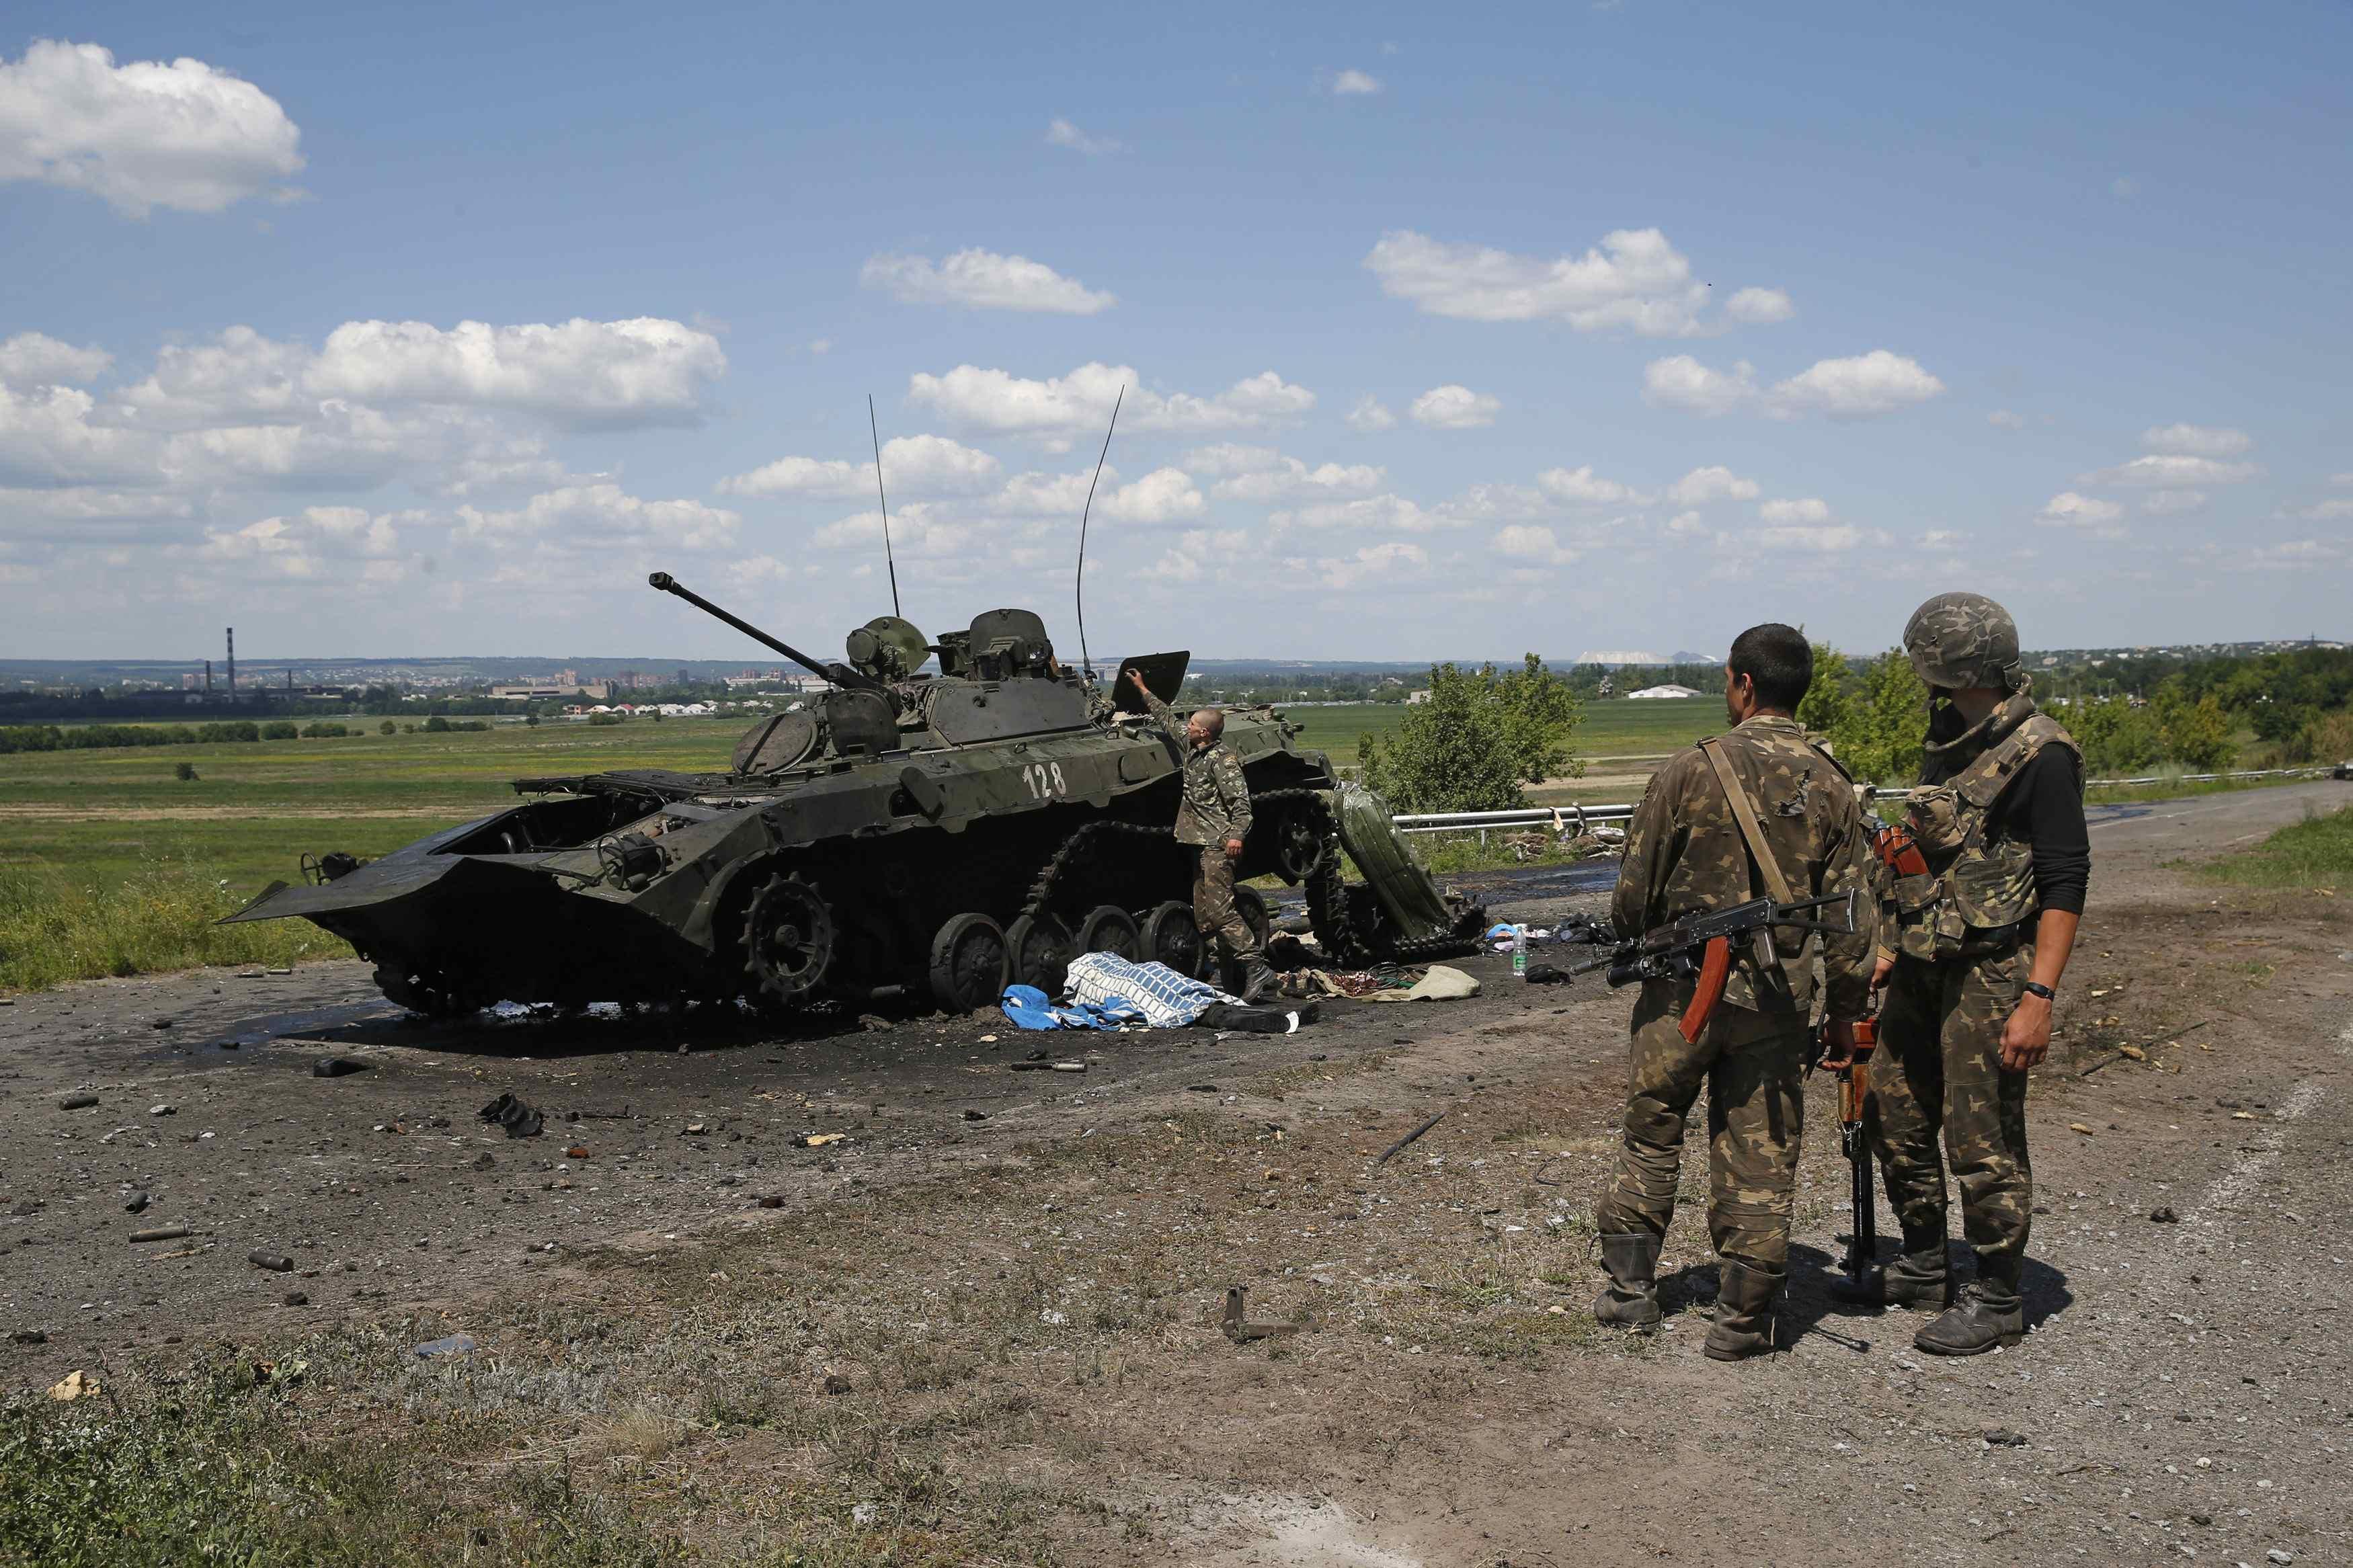 Бронемашины боевиков на Донбассе, иллюстрация